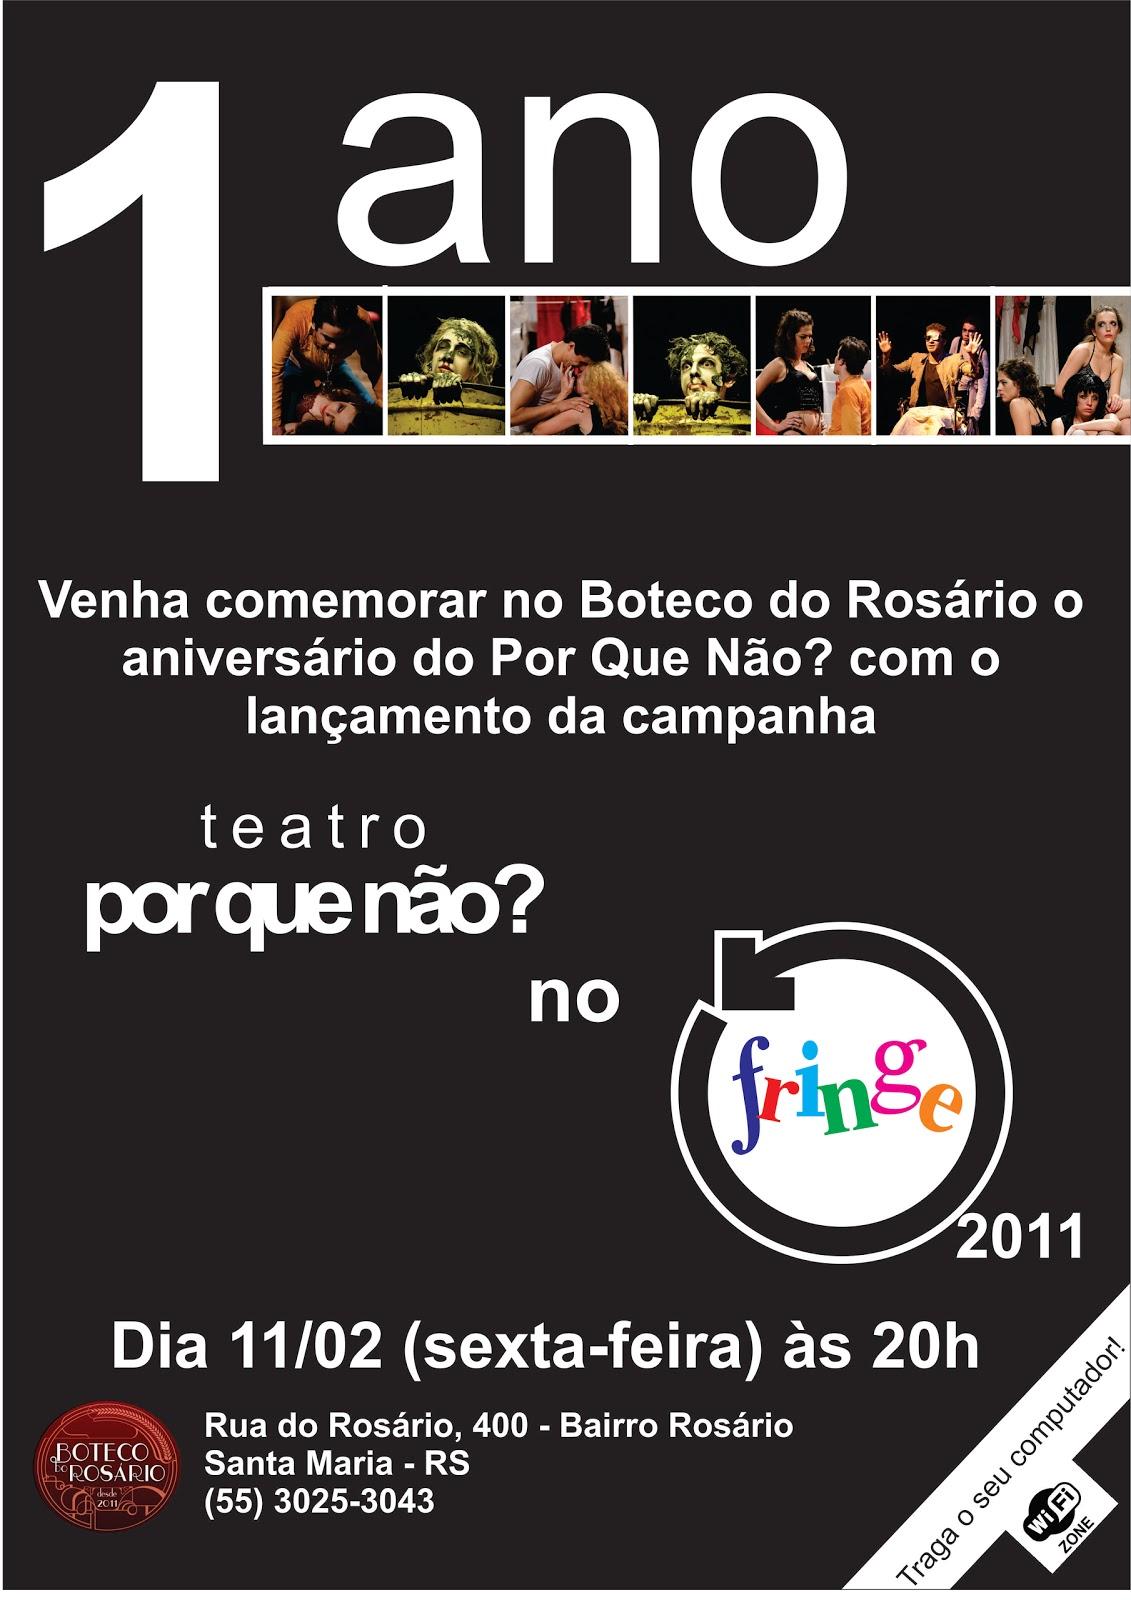 http://www.teatroporquenao.com